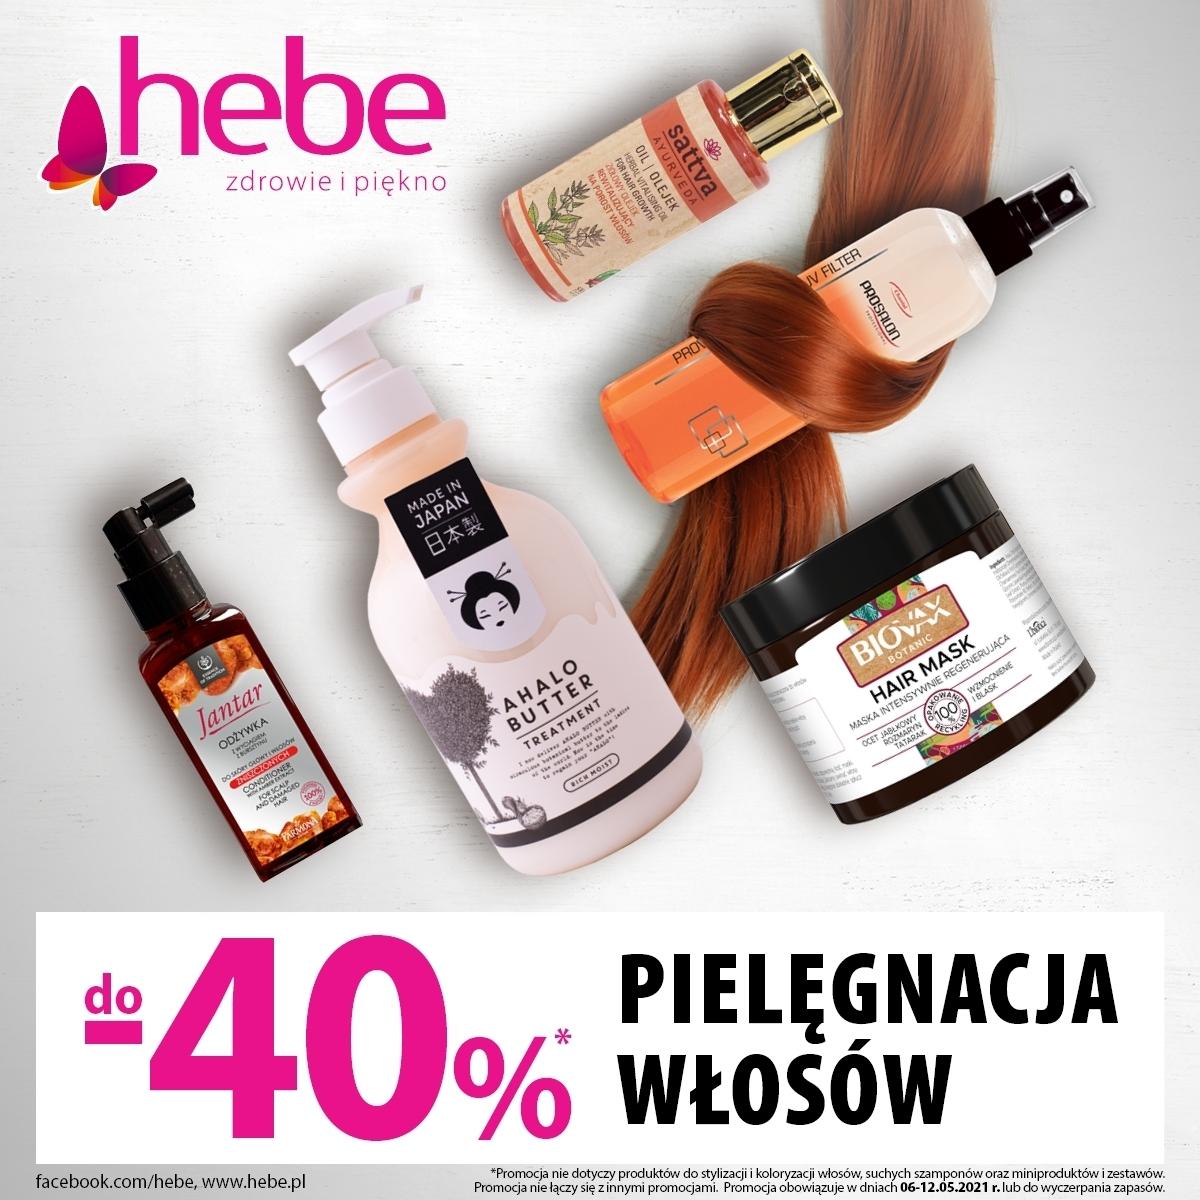 Drogeria Hebe w Tkalni